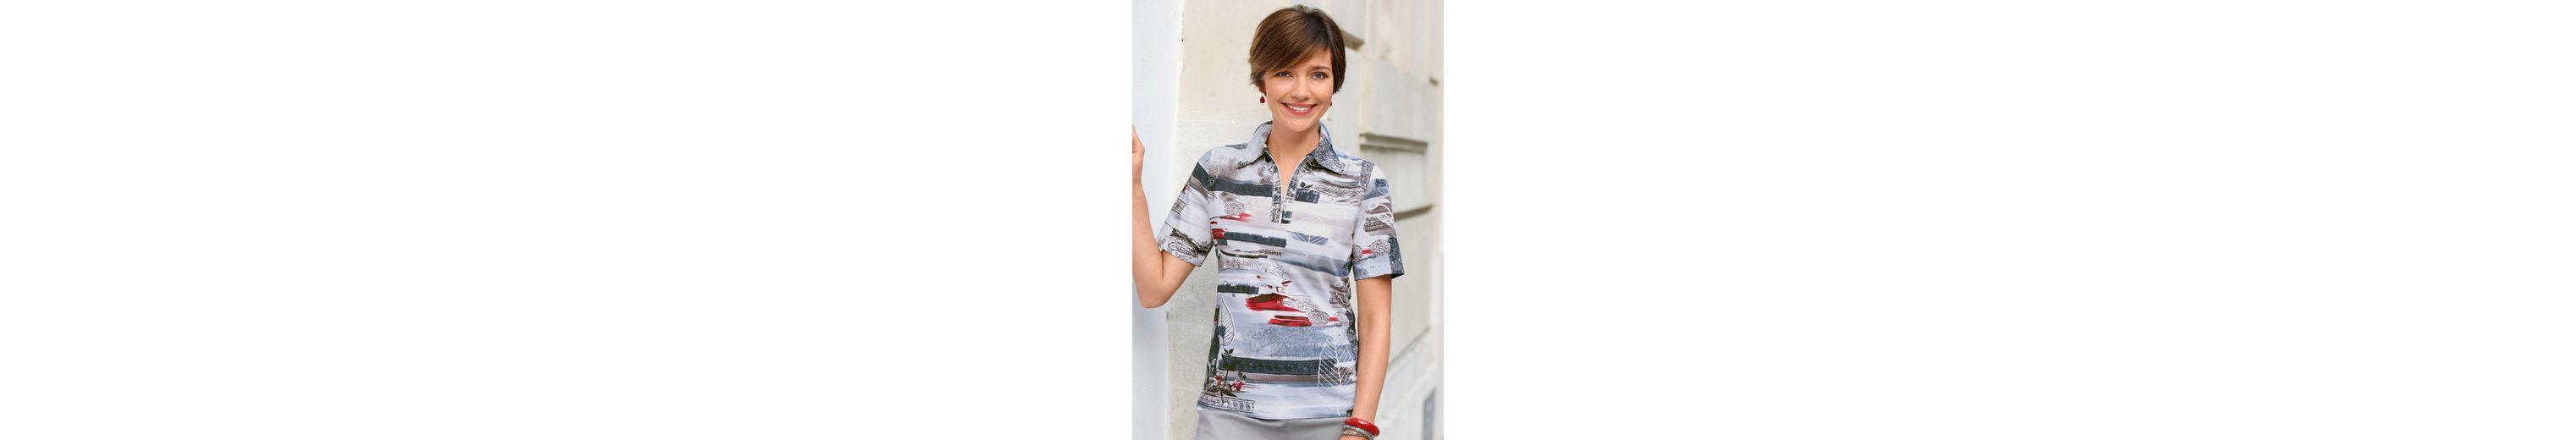 Classic Basics Shirt mit Glitzersteinchen-Verzierung Günstig Kaufen Angebot Erhalten Verkauf Online Kaufen Freies Verschiffen 100% Garantiert Countdown-Paket Zum Verkauf N48vh